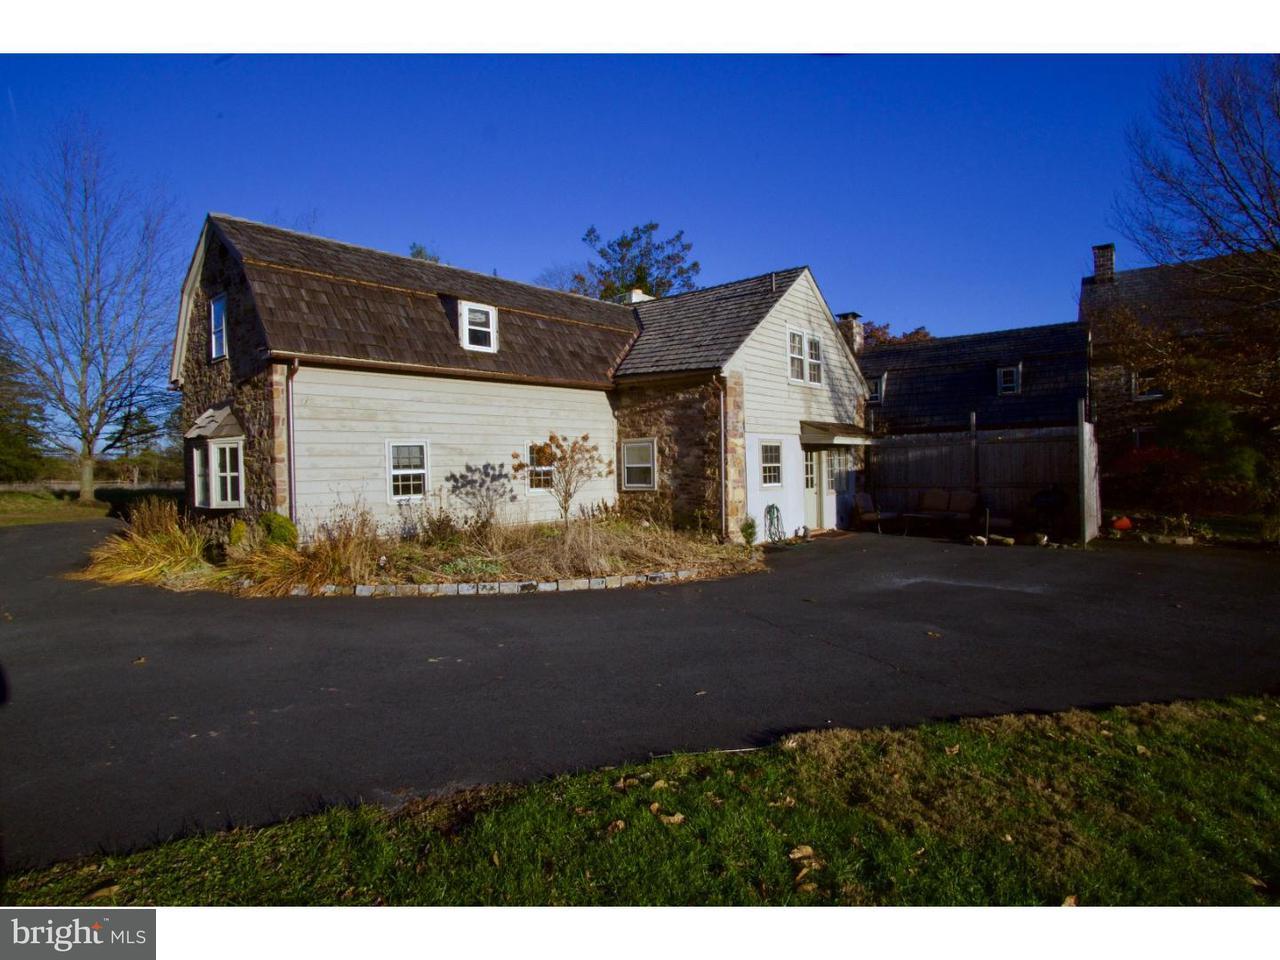 独户住宅 为 出租 在 4223 WISMER Road 新希望镇, 宾夕法尼亚州 18902 美国在/周边: Solebury Township